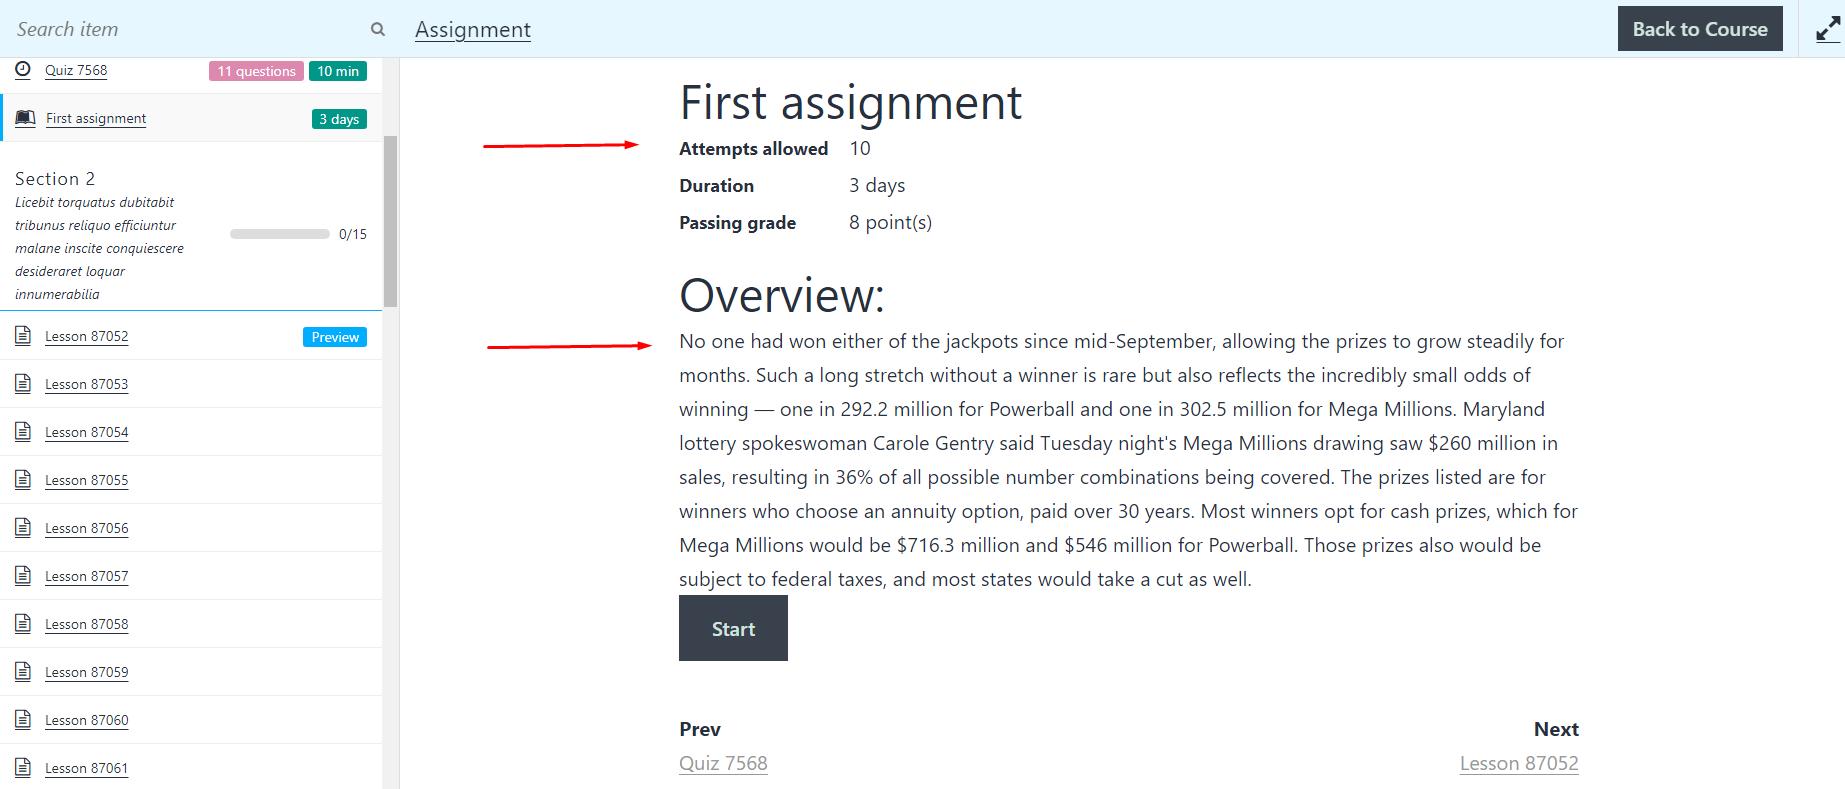 assignment-before-start